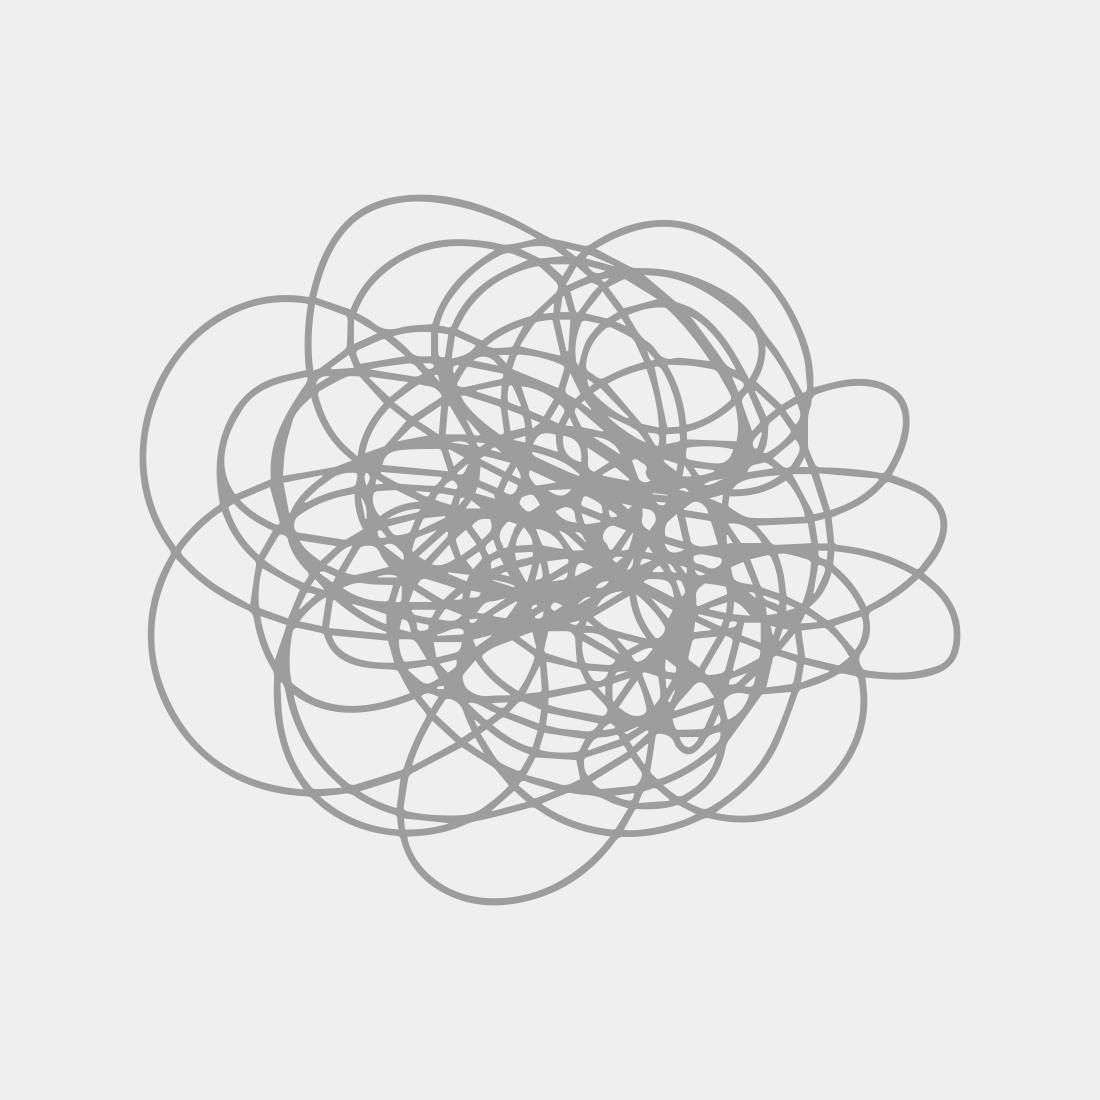 Mali Morris 'Touching' Greetings Card